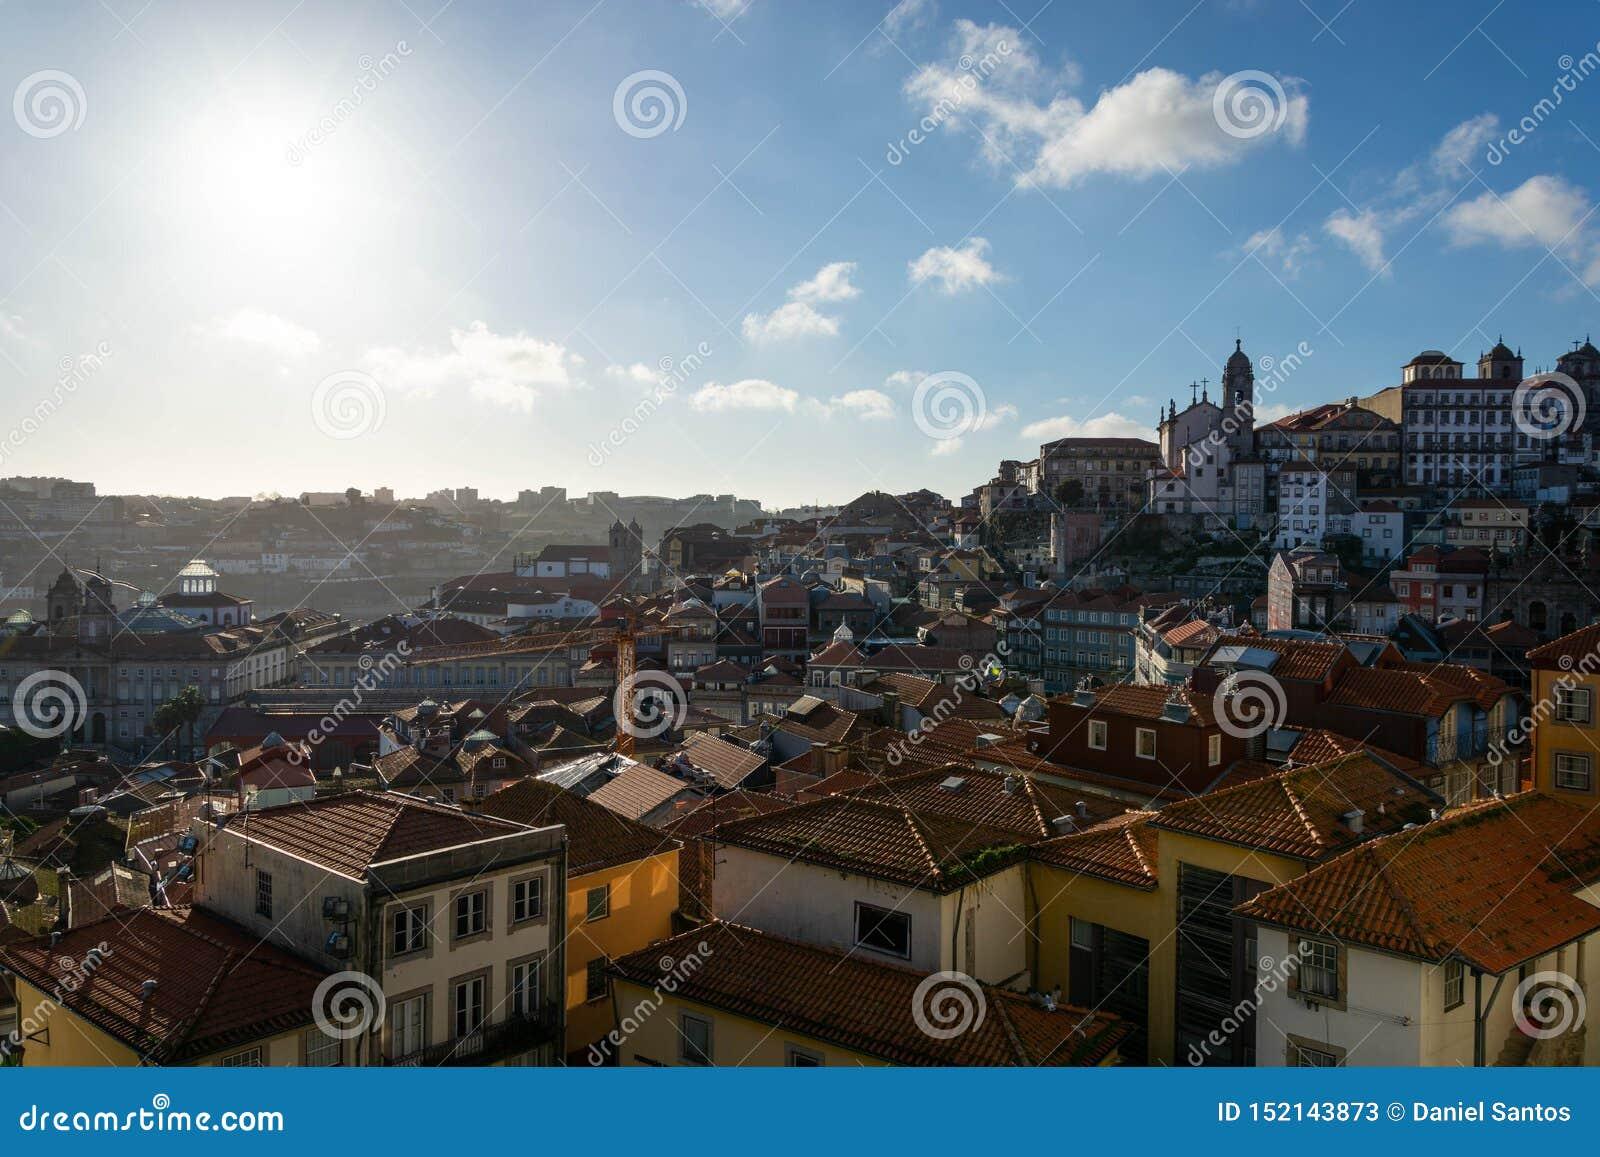 Όμορφη άποψη σε μέρος της πόλης του Πόρτο